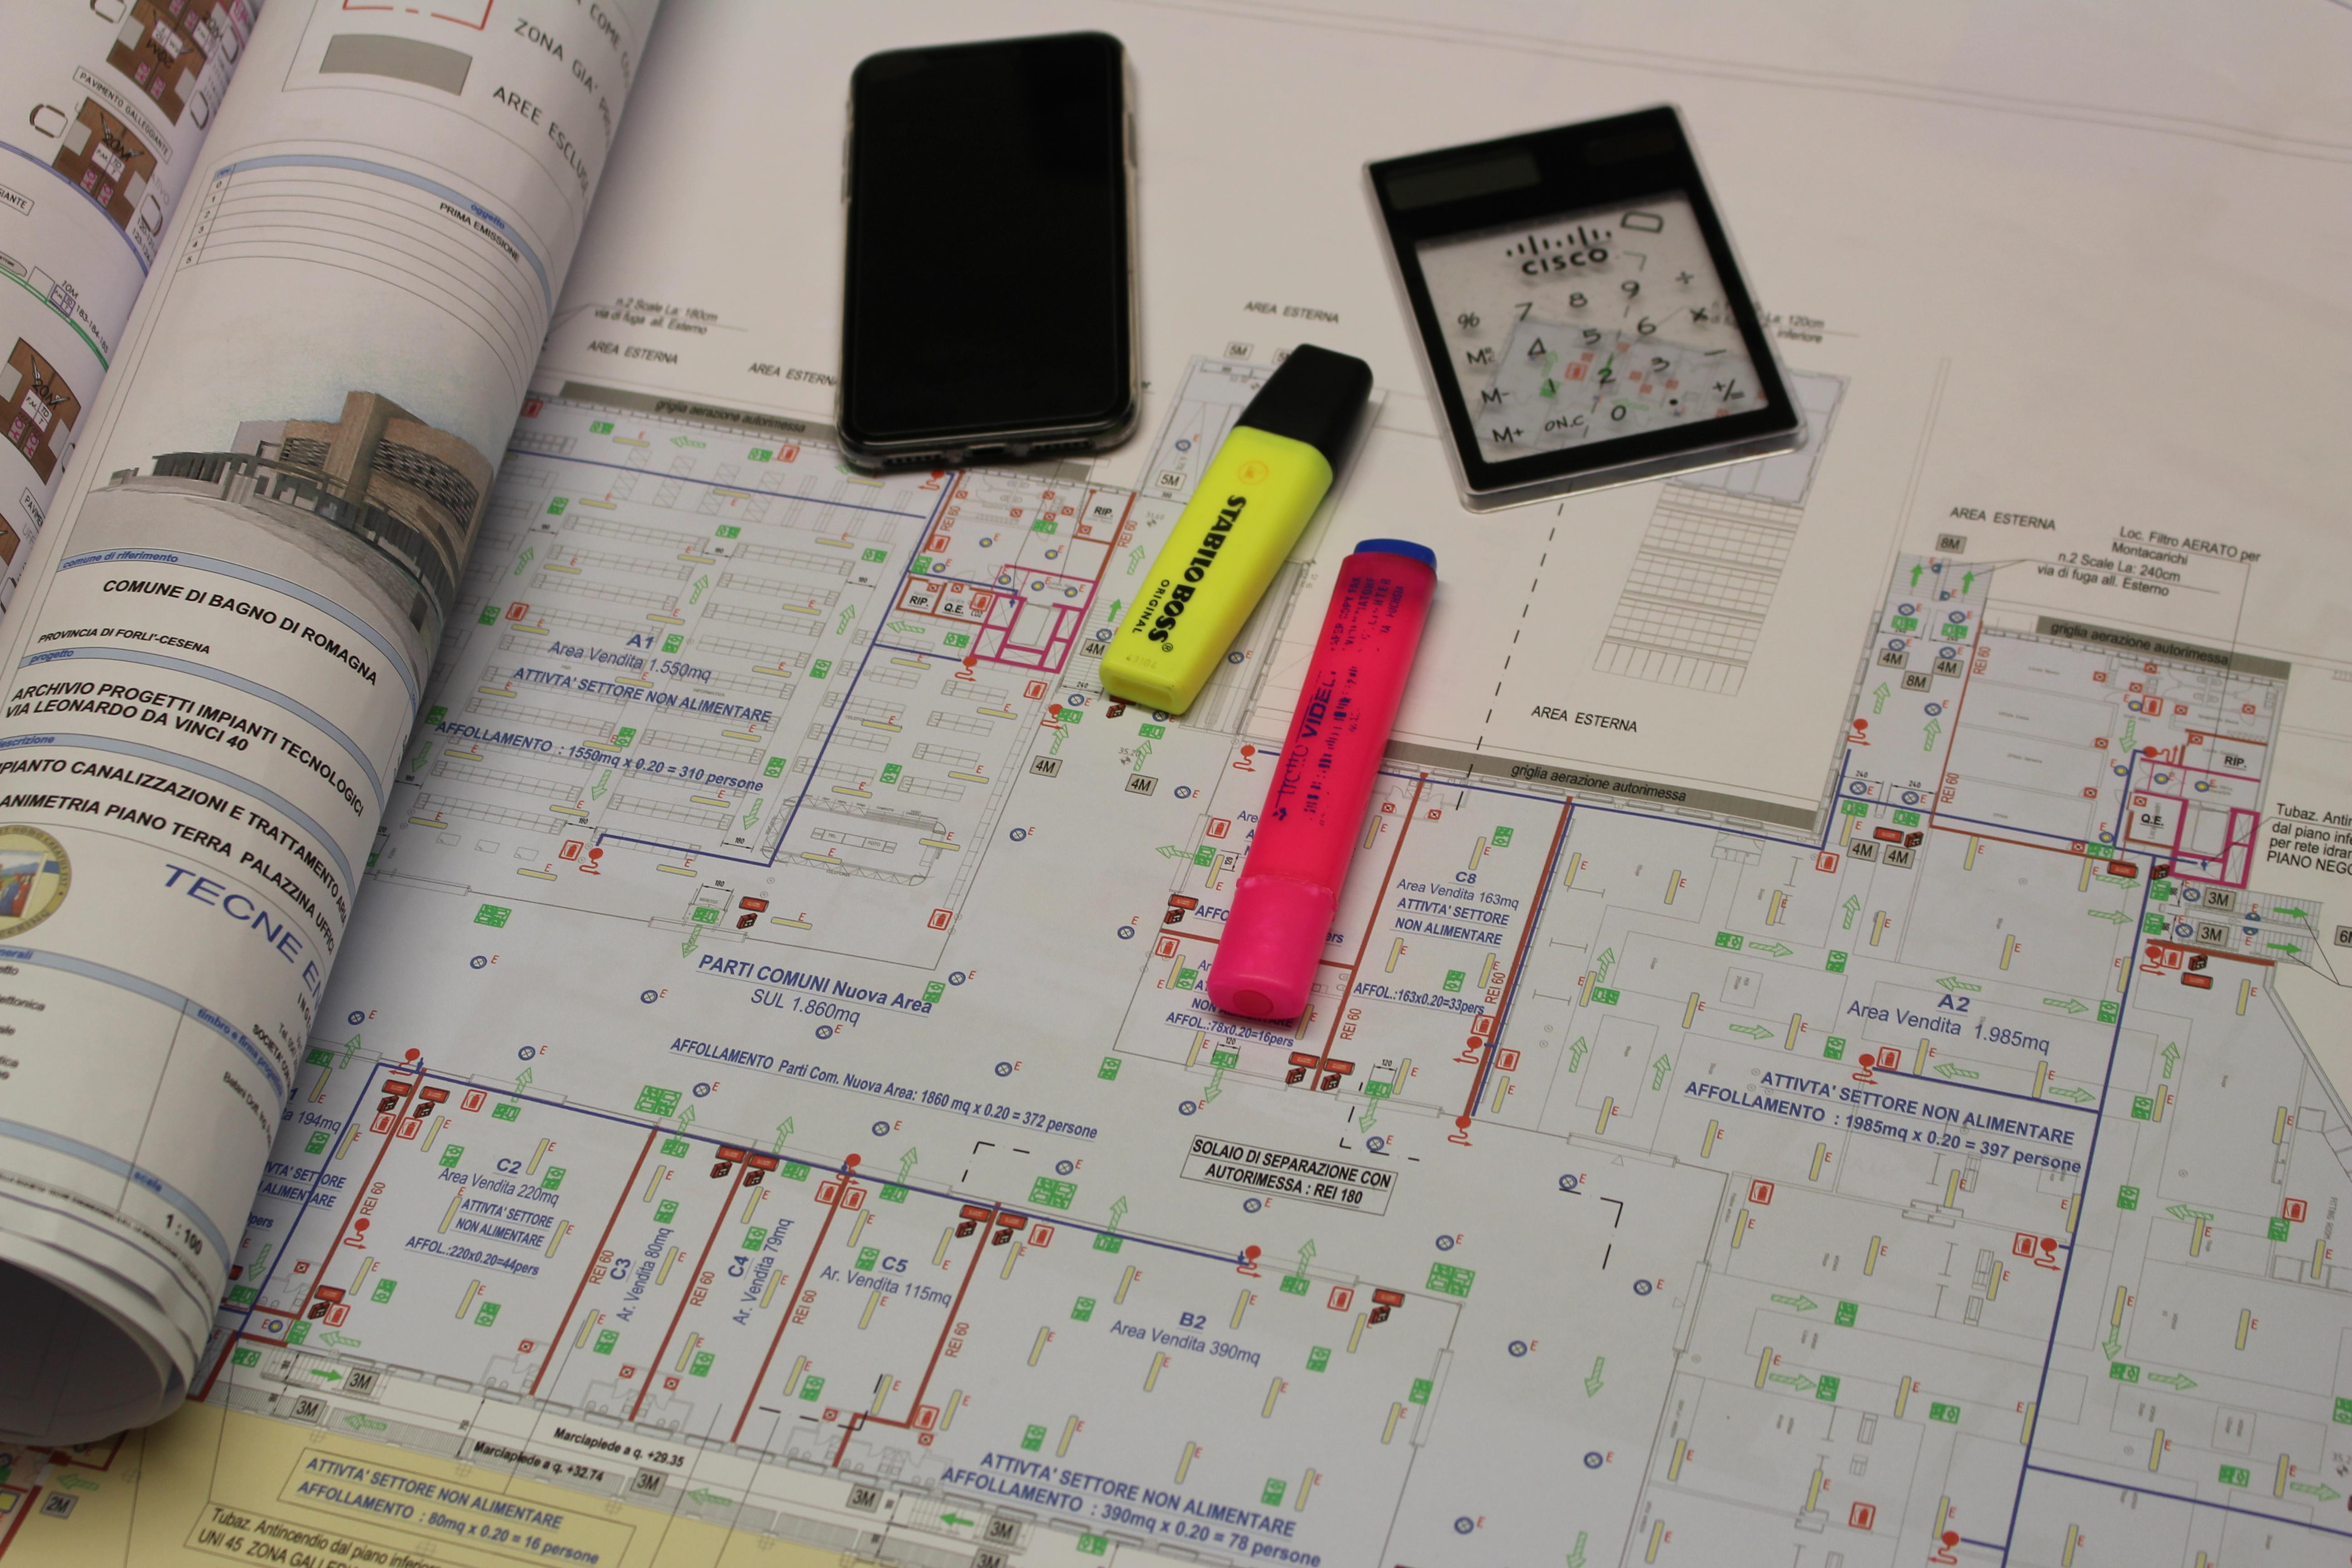 Progetto-prevenzione-incendi-centro-commerciale-tecne-engineering